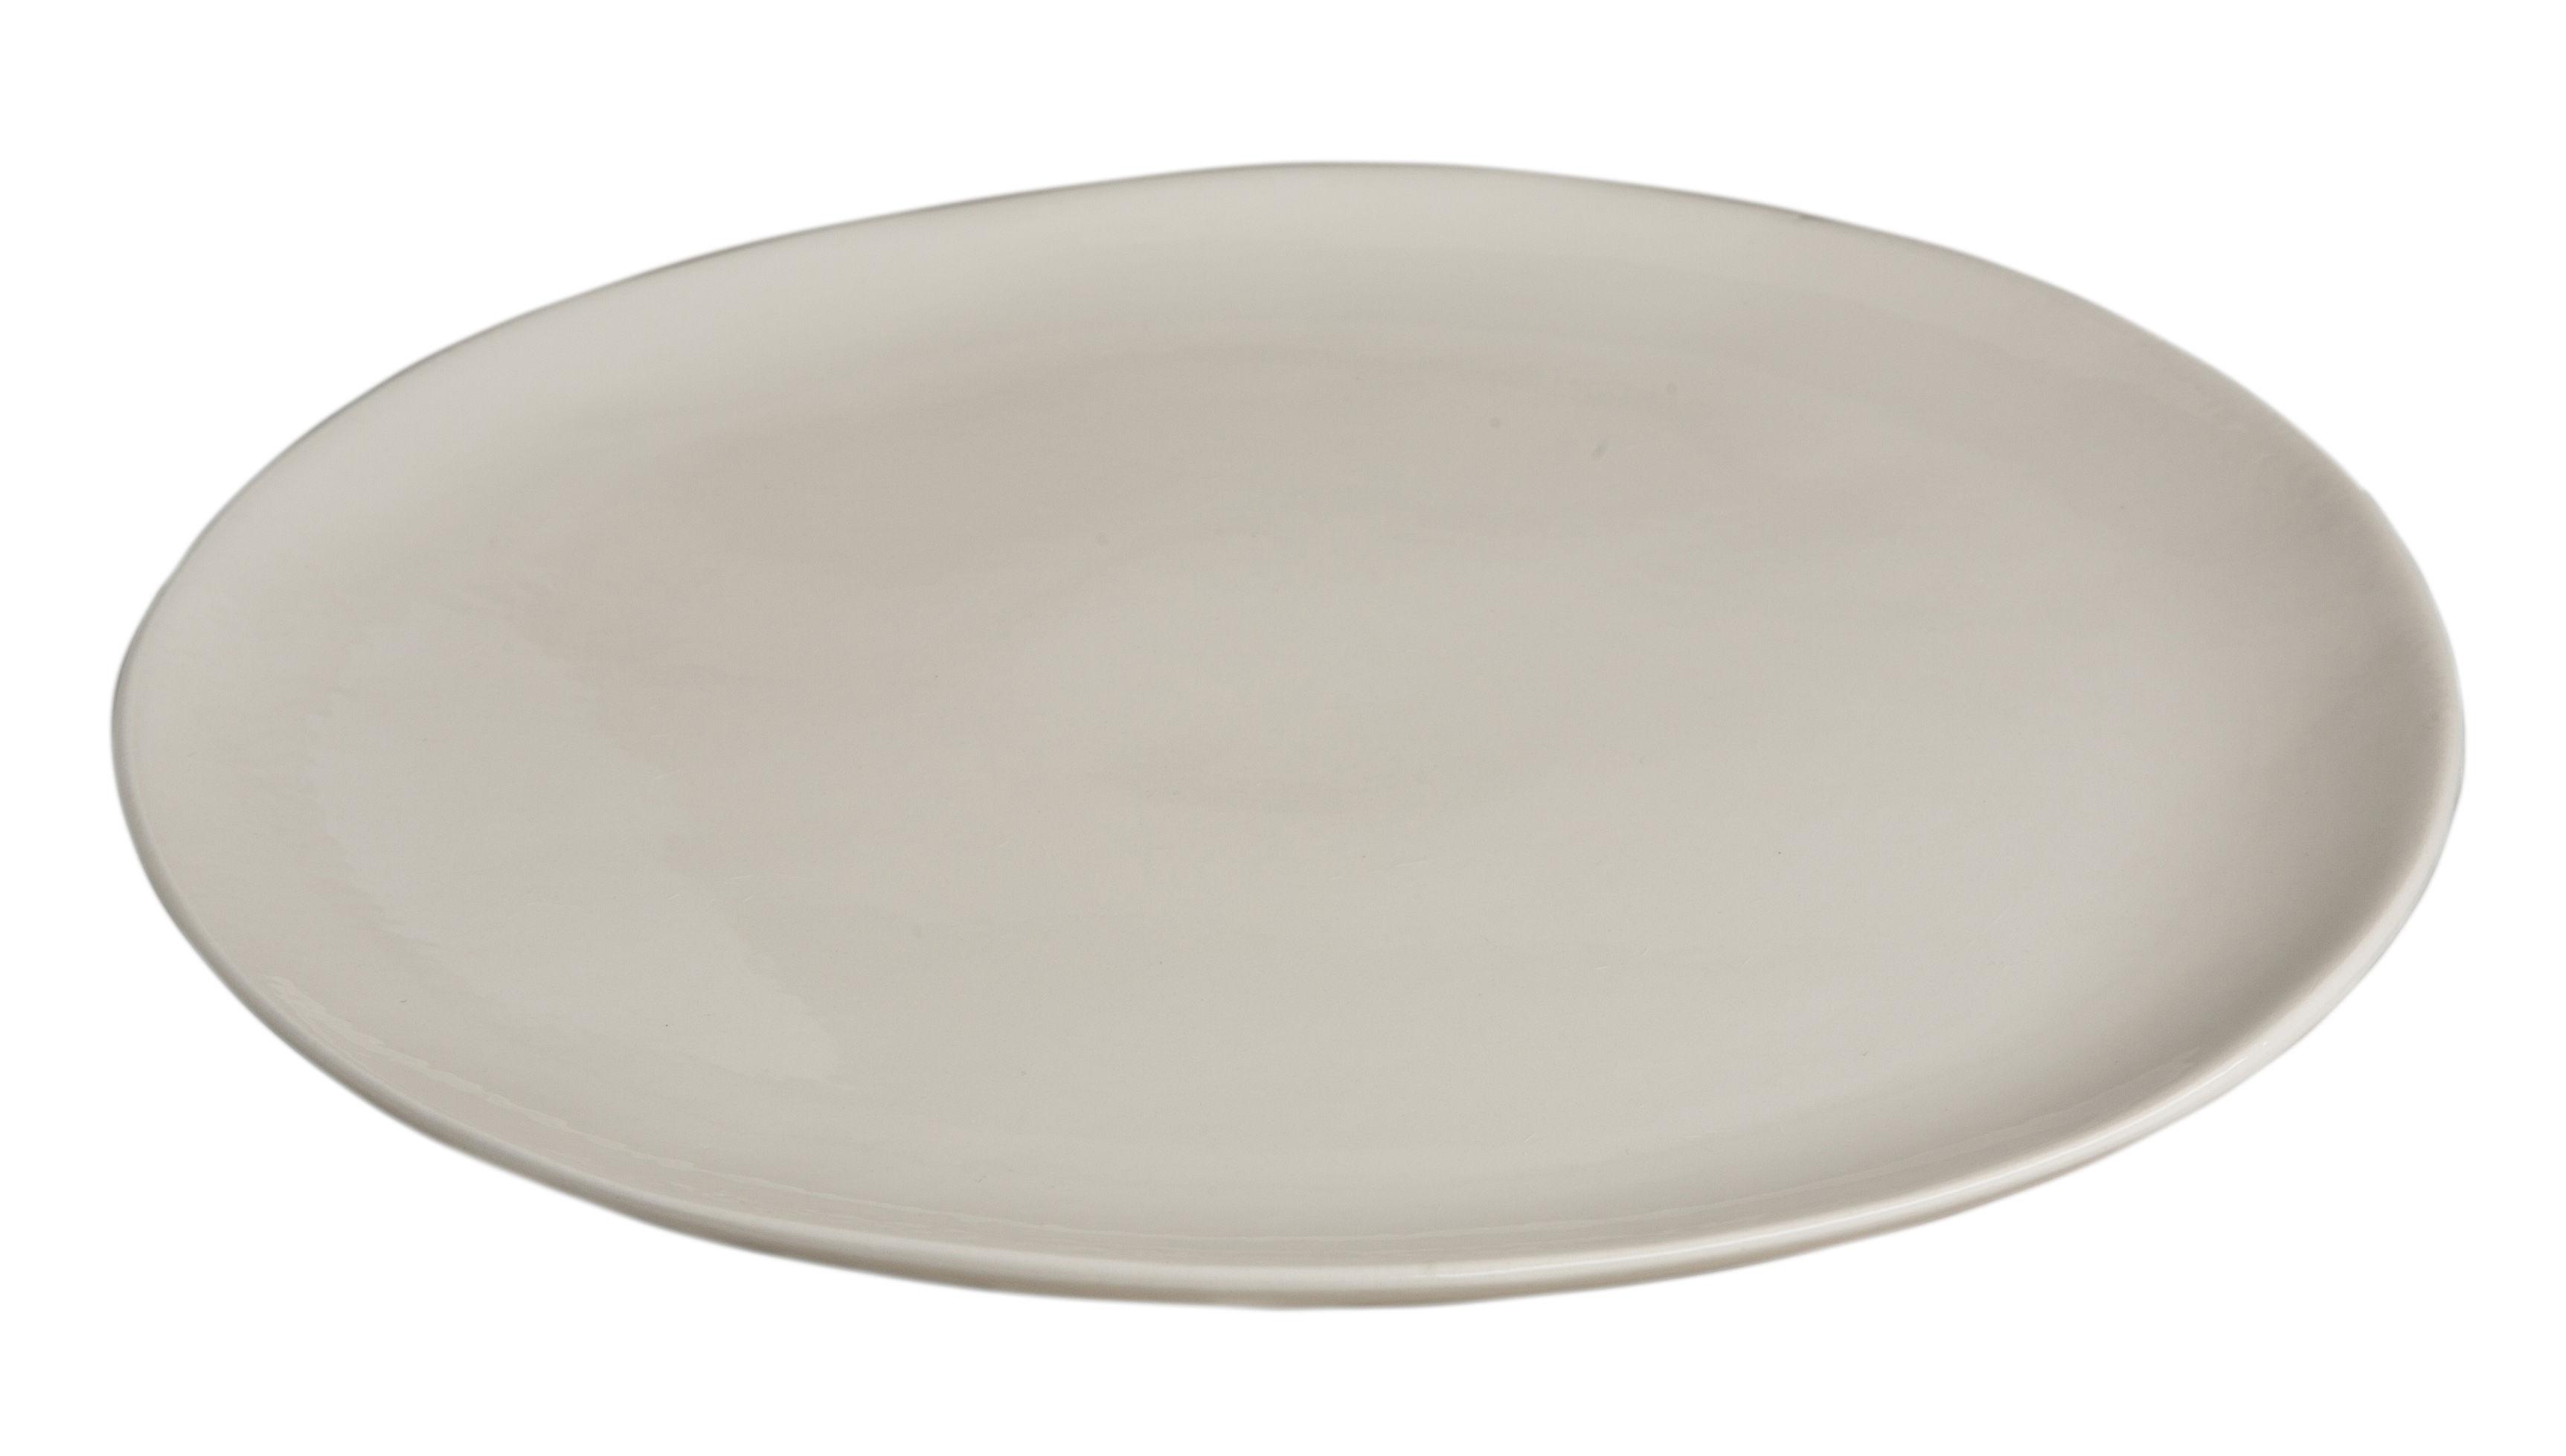 Tavola - Piatti  - Piatto Bazelaire - Ø 26cm - Maiolica smaltata di Sentou Edition - Bianco sporco - Maiolica smaltata